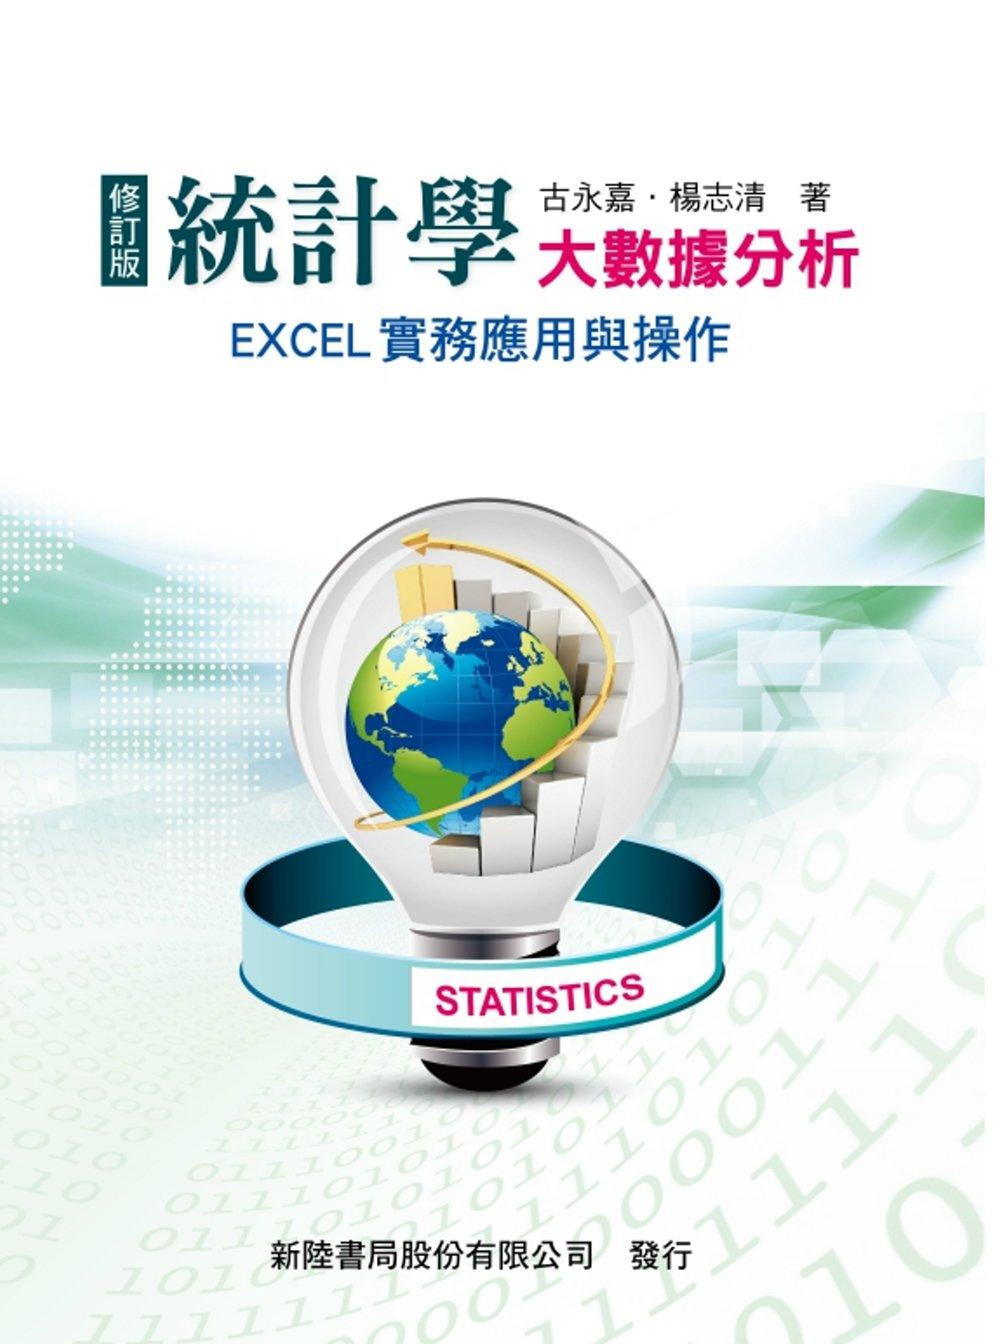 《統計學:大數據分析-EXCEL實務應用與操作》 商品條碼,ISBN:9789869565257